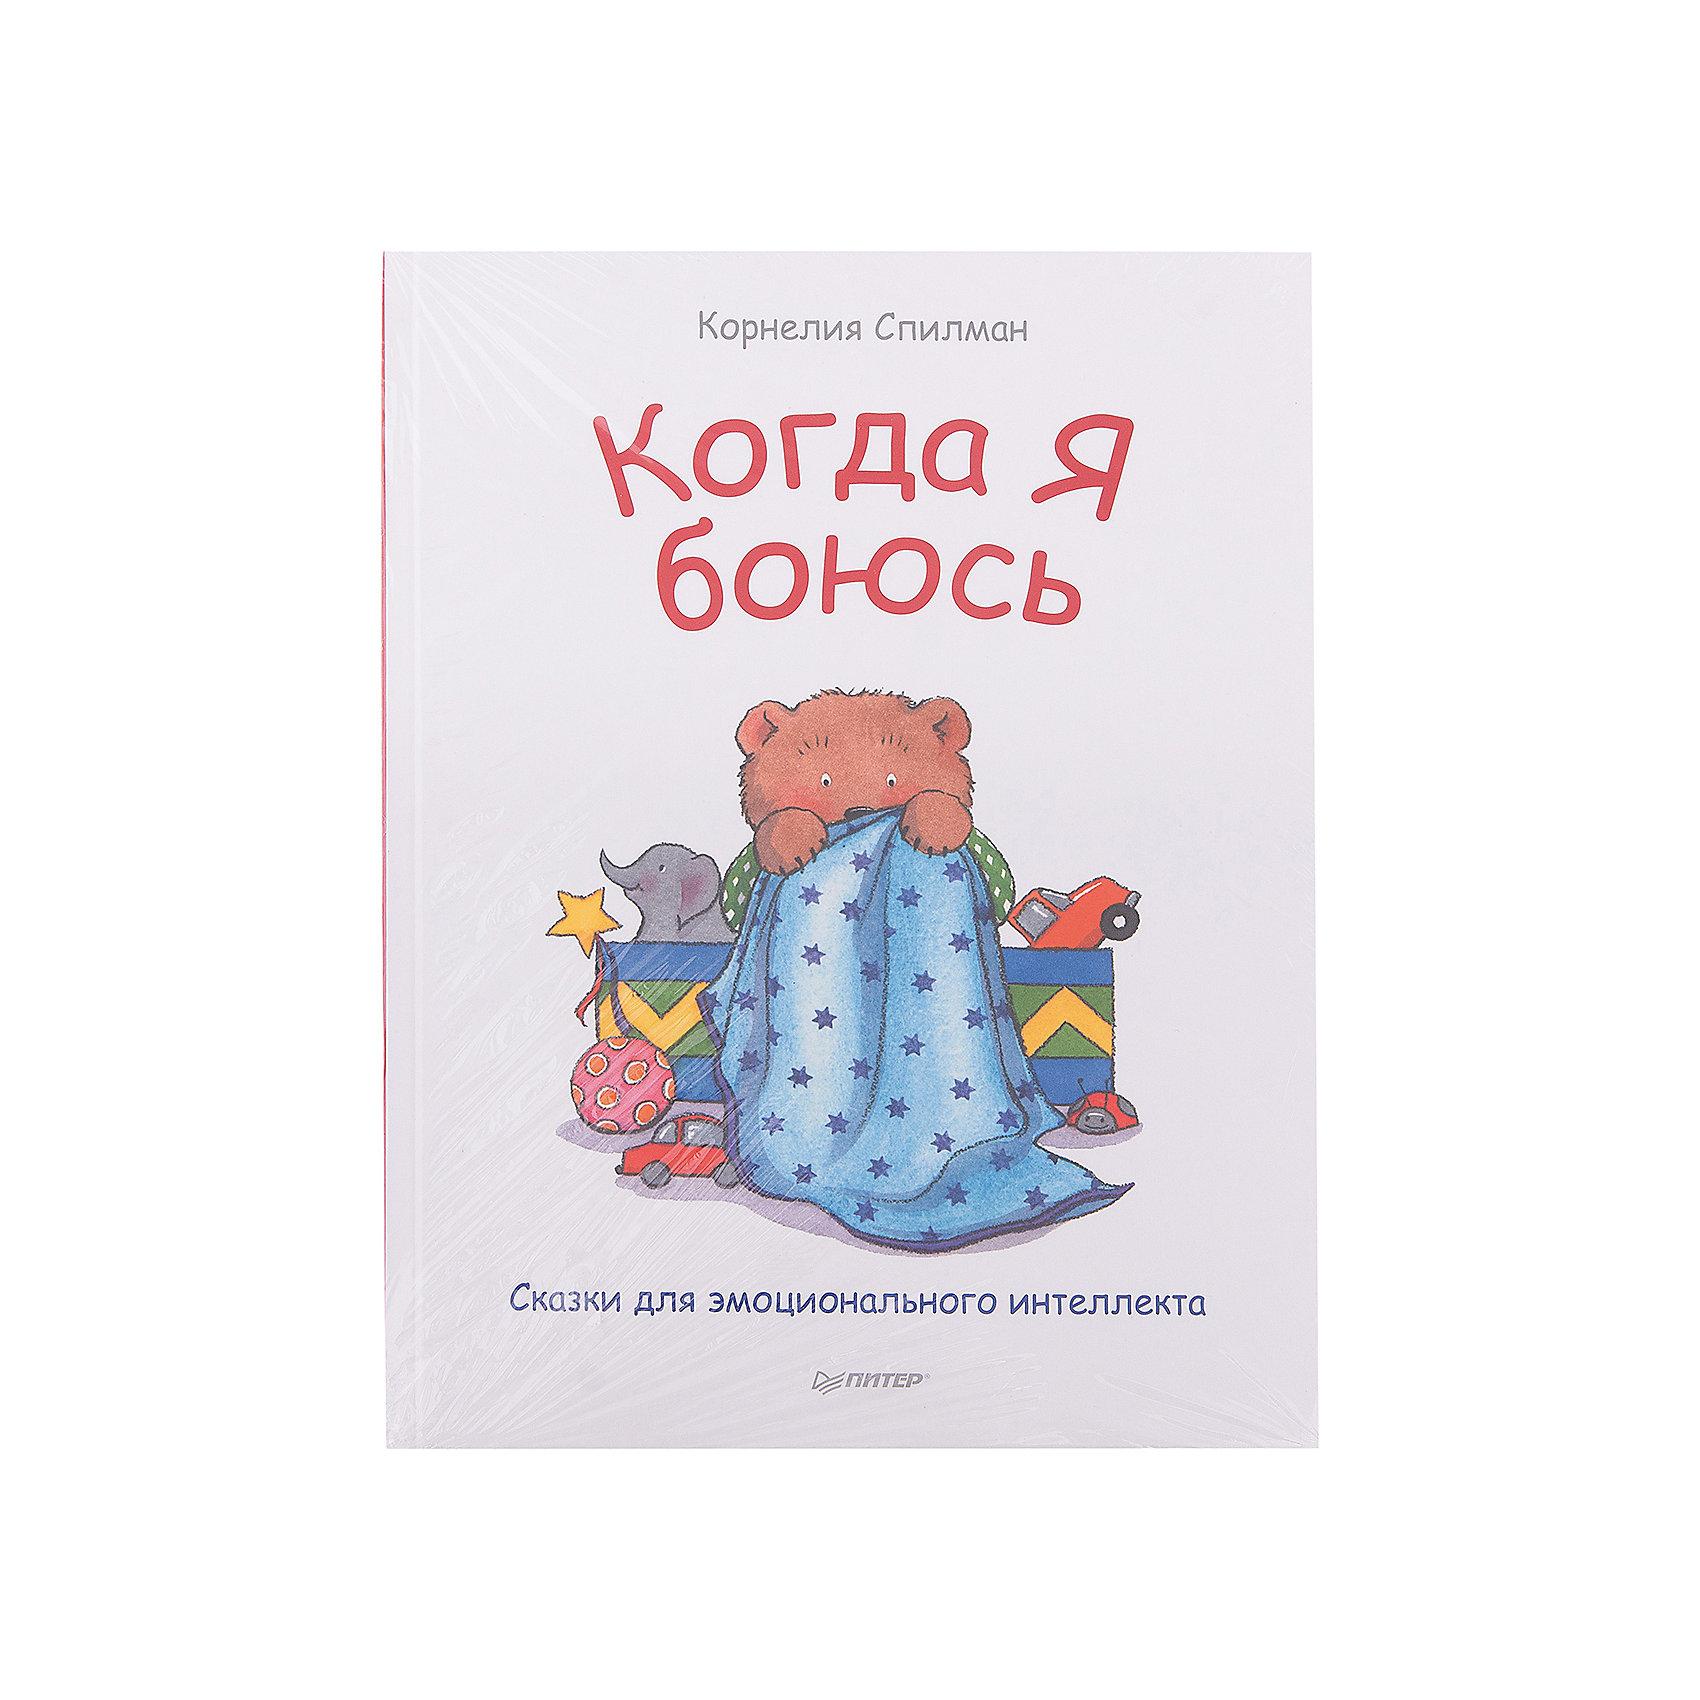 Когда я боюсь, Сказки для эмоционального интеллекта, К. СпилманДетская психология и здоровье<br>Когда я боюсь, Сказки для эмоционального интеллекта, К. Спилман<br><br>Характеристики:<br><br>- издательство: Питер<br>- тип обложки: 7Б – твердая<br>- иллюстрации: цветные<br>- количество страниц: 24 <br>- формат: 22 * 30 см.<br>- вес: 350 гр.<br>- год издания: 2017<br><br>Множество эмоций дети воспринимают не так, как взрослые, а все потому, что дети просто не знают что с теми или иными эмоциями делать. Серия Сказки для эмоционального интеллекта предназначена для детей и их родителей и помогает разобраться в тех или иных эмоциях с помощью сказок. Книга «Когда я боюсь» поможет родителям объяснить ребенку что такое страх и подскажет родителям как помочь детям преодолевать свои страхи. В начале книги дается содержательное предисловие для родителей о детских страхах. Сами сказки написаны от лица симпатичного мишки, где он рассказывает о своих страхах, о том, как он боится собак или высоты горок на игровой площадке. Детьми сказки воспринимаются легко и непринужденно, помогая прорабатывать свои личные страхи глядя на них другими глазами. <br><br>Книгу Когда я боюсь, Сказки для эмоционального интеллекта, К. Спилман можно купить в нашем интернет-магазине.<br><br>Ширина мм: 298<br>Глубина мм: 221<br>Высота мм: 4<br>Вес г: 353<br>Возраст от месяцев: 36<br>Возраст до месяцев: 84<br>Пол: Унисекс<br>Возраст: Детский<br>SKU: 5199689